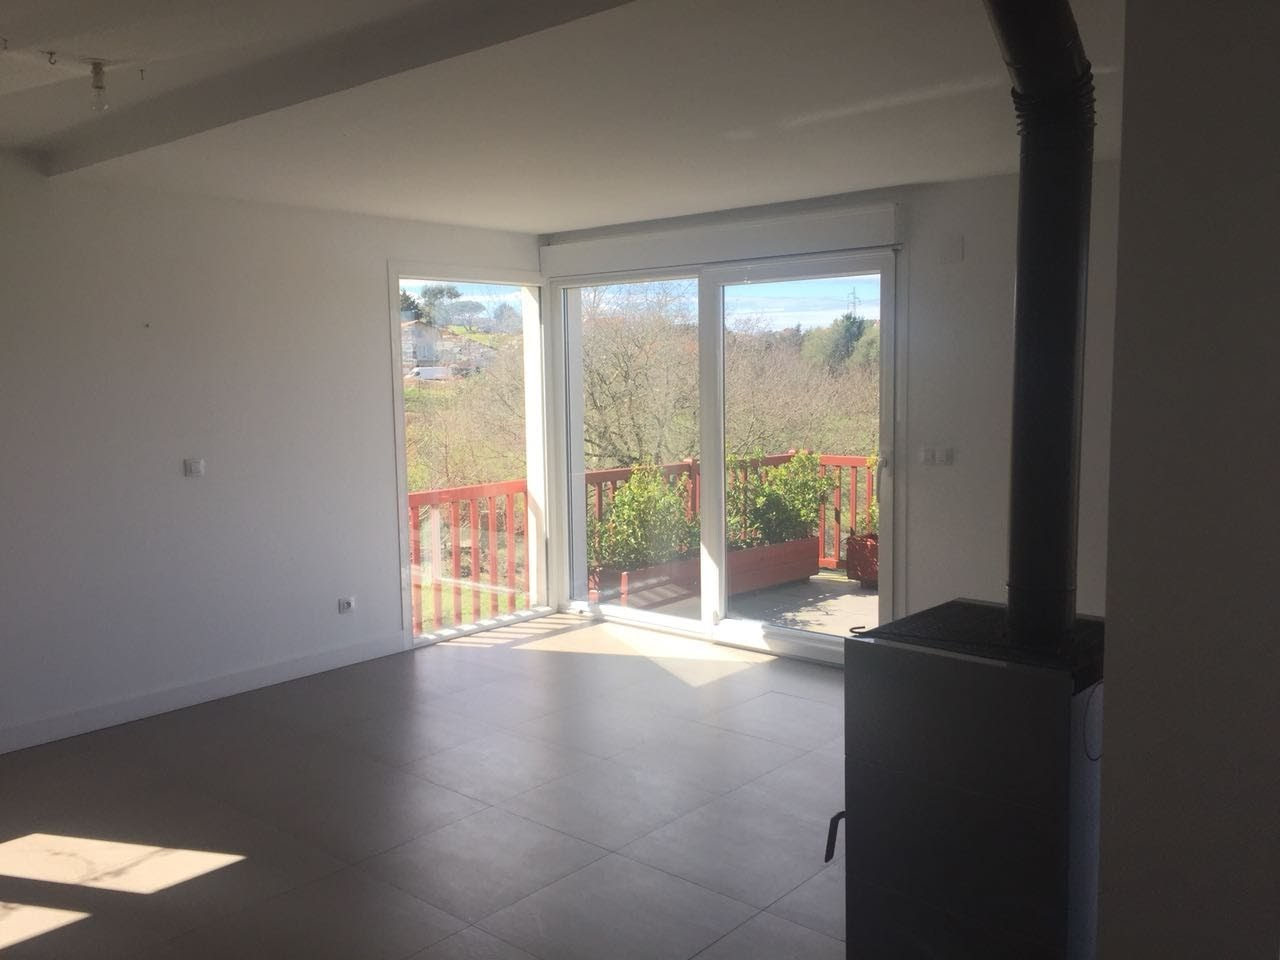 Aménagement appartement à Bidart par Nadia Duffieux Décoratrice à Montpellier - AVANT